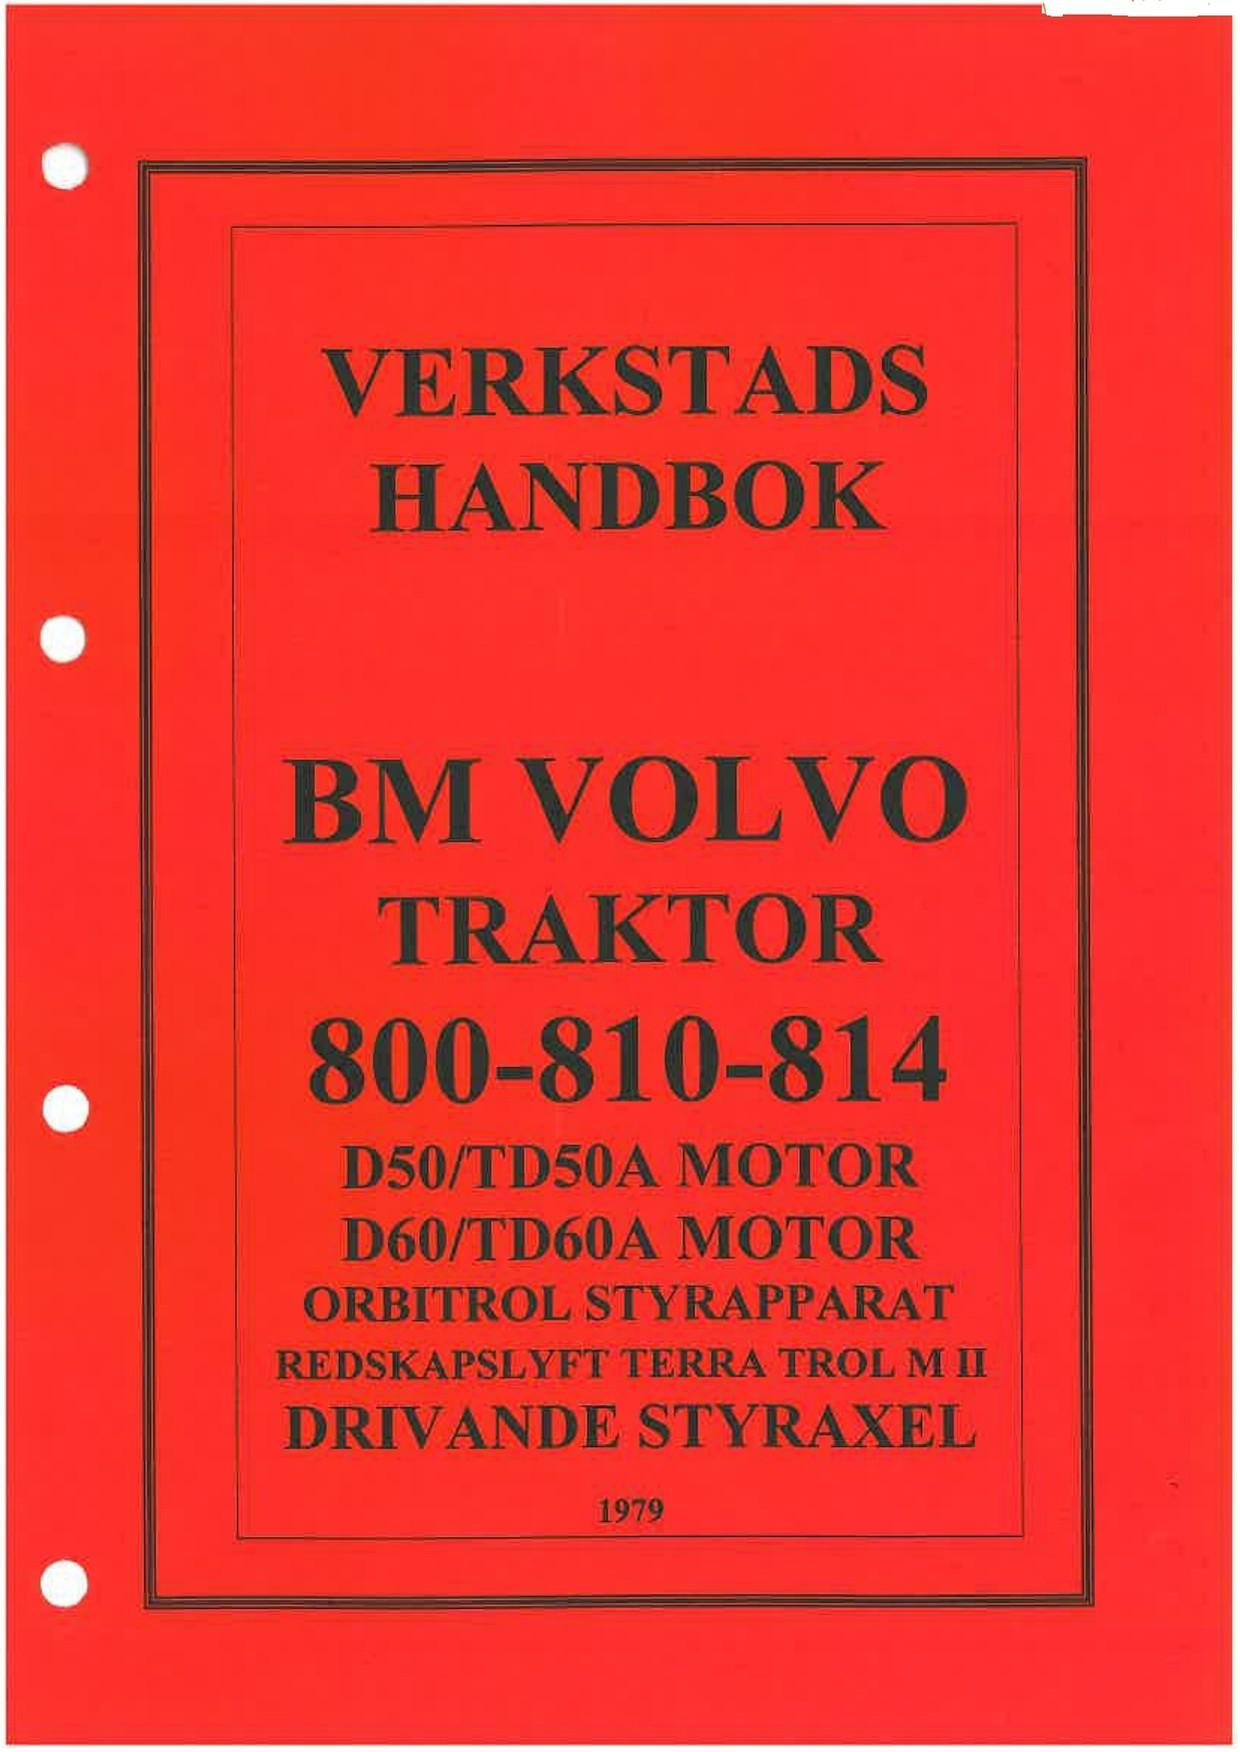 Volvo BM 800 810 814 verkstadshandbok